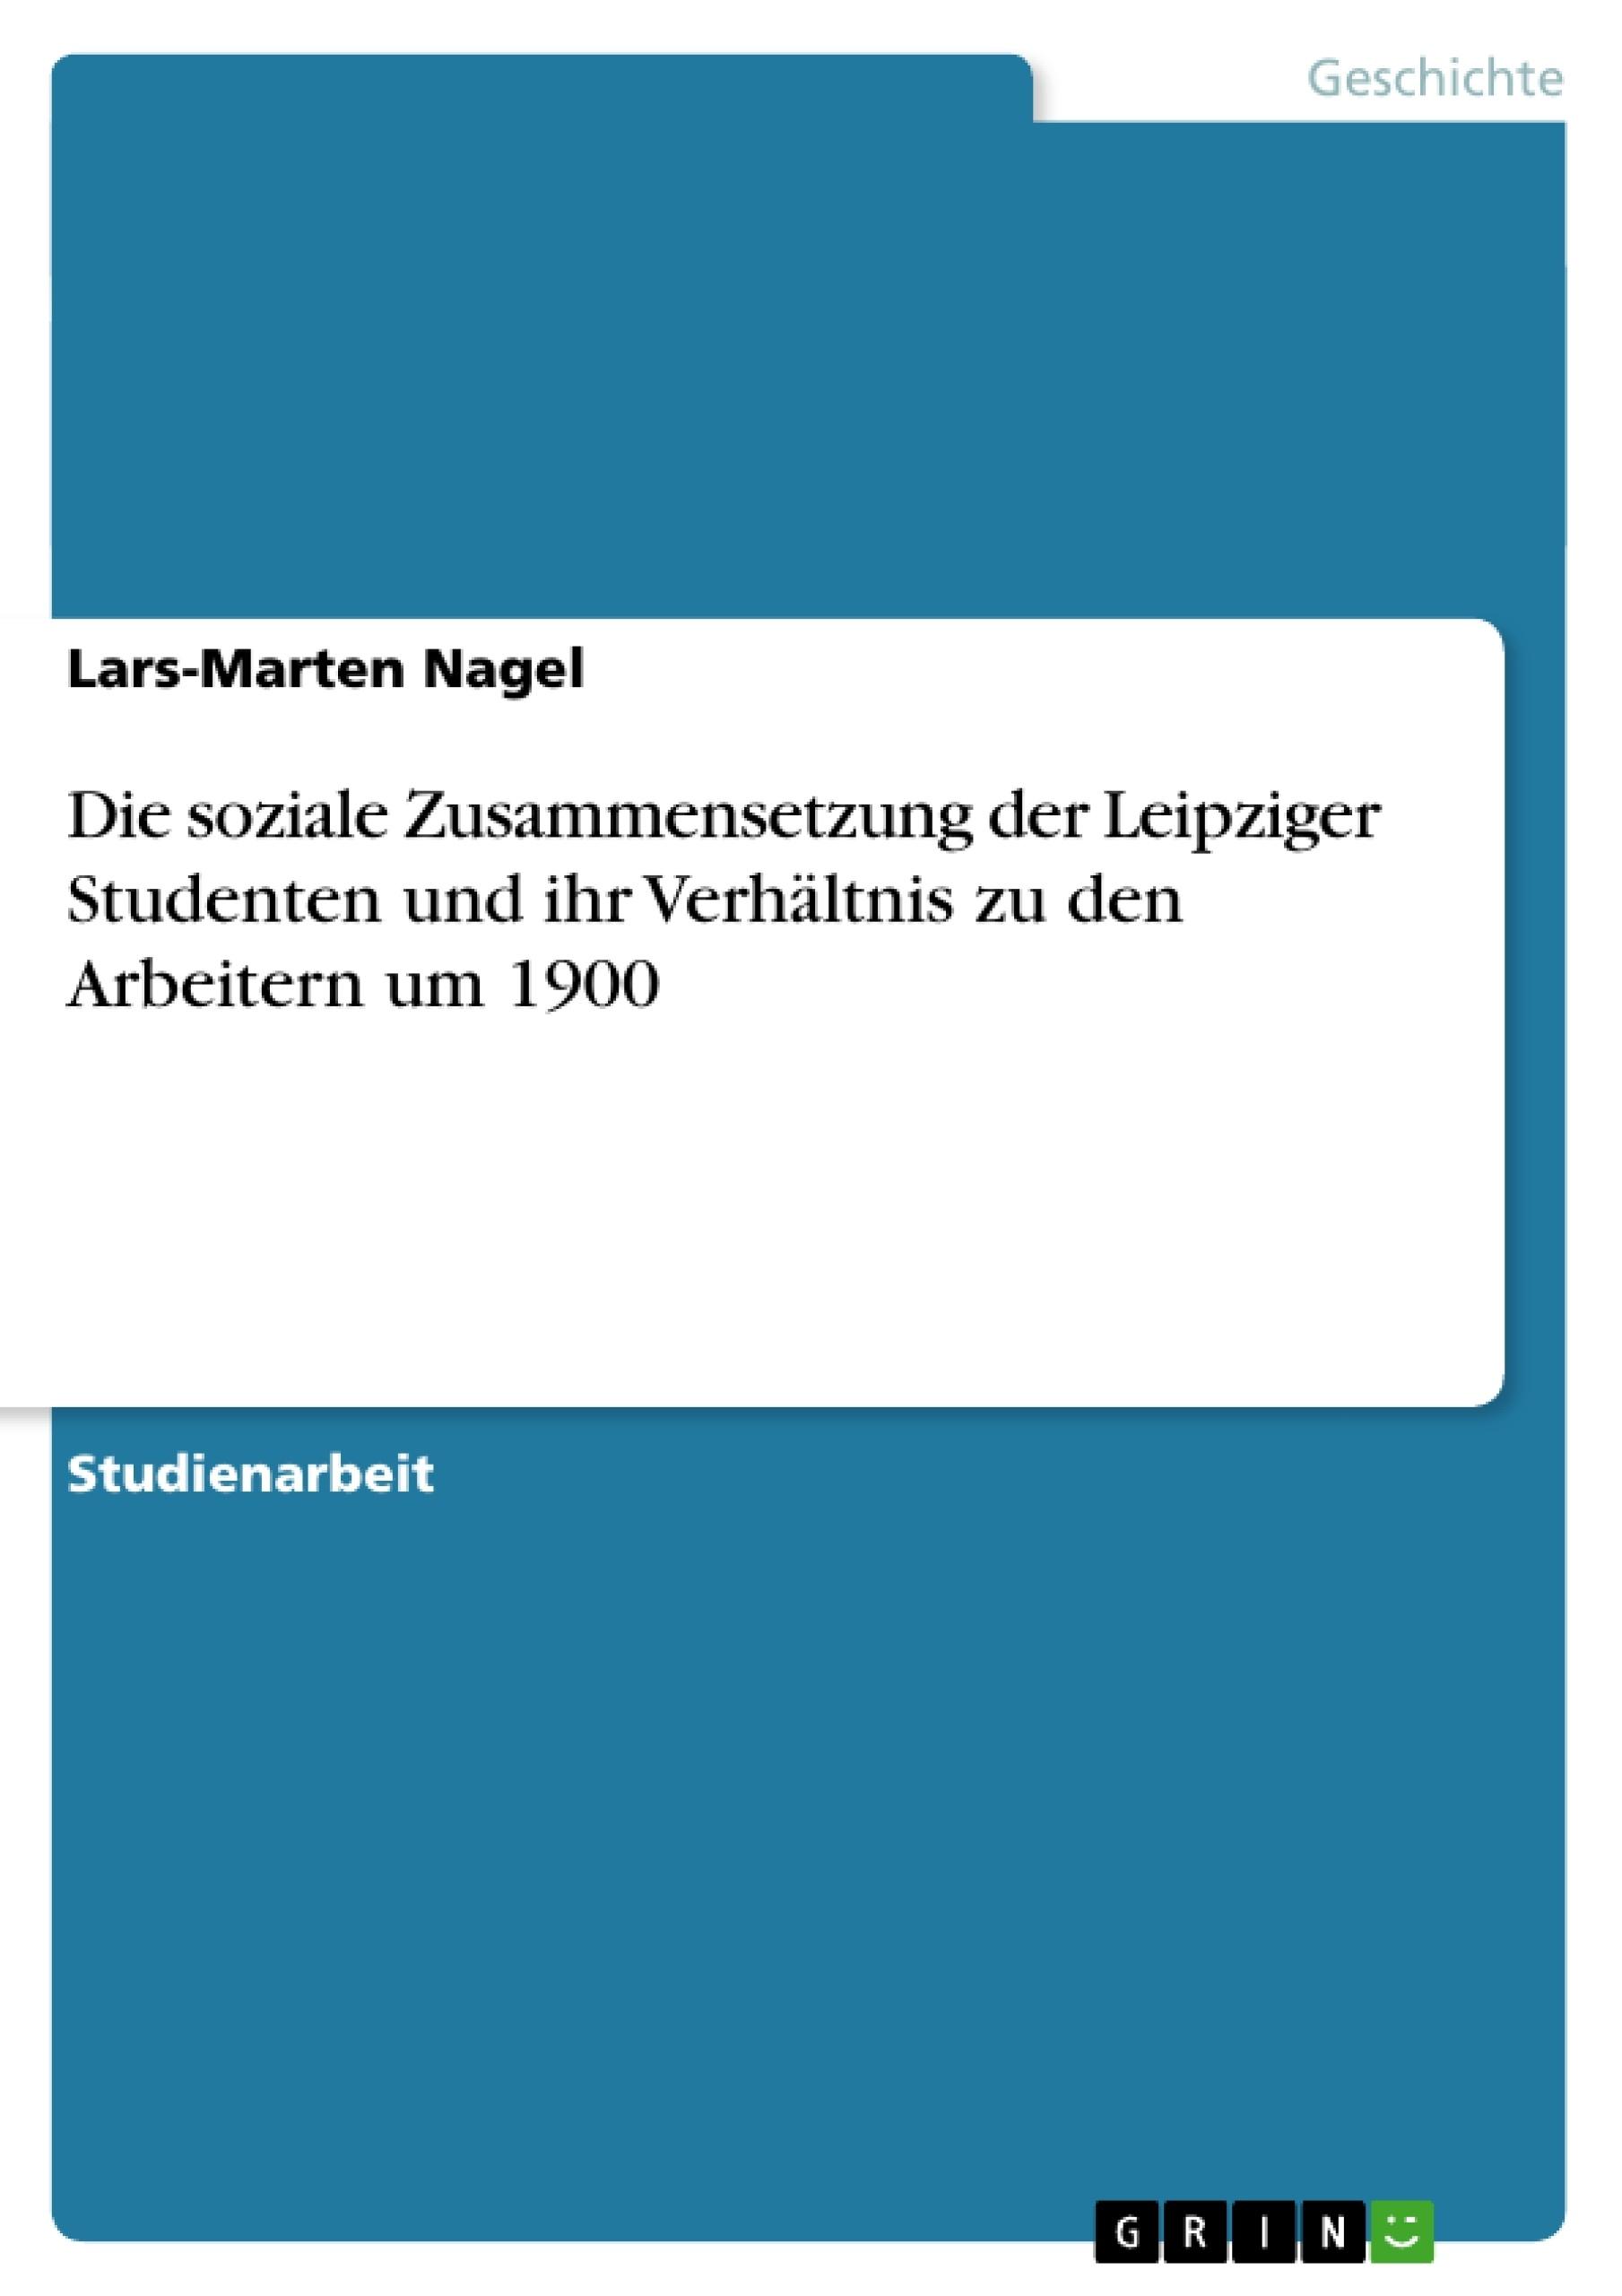 Titel: Die soziale Zusammensetzung der Leipziger Studenten und ihr Verhältnis zu den Arbeitern um 1900